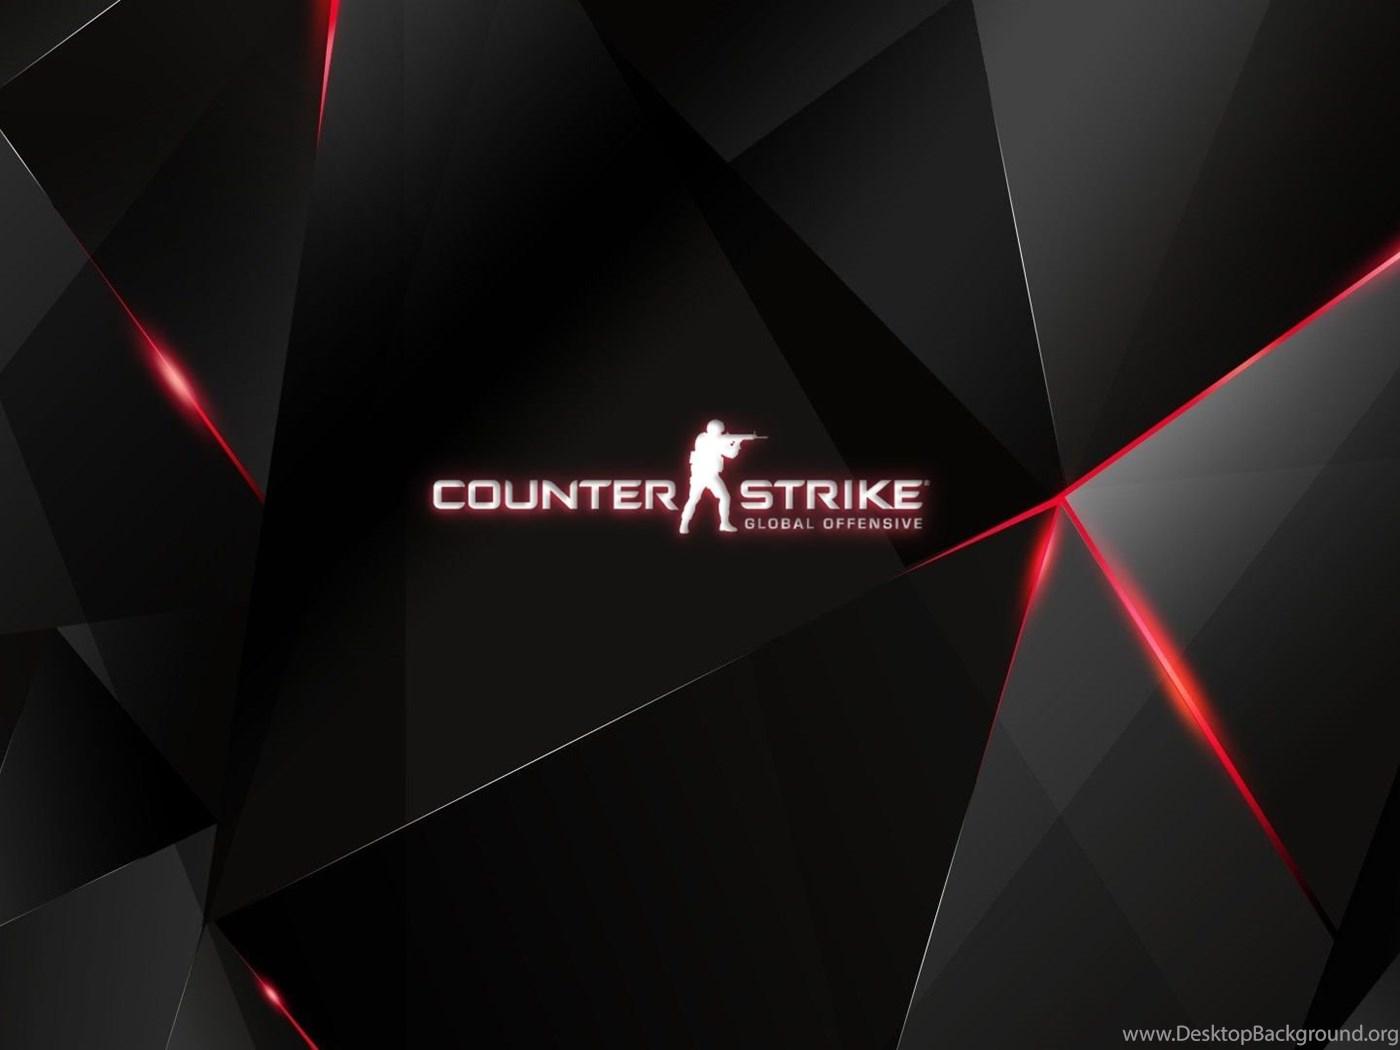 Steam Community Cs Go Wallpapers 1080p By Vk Com Csgo Play